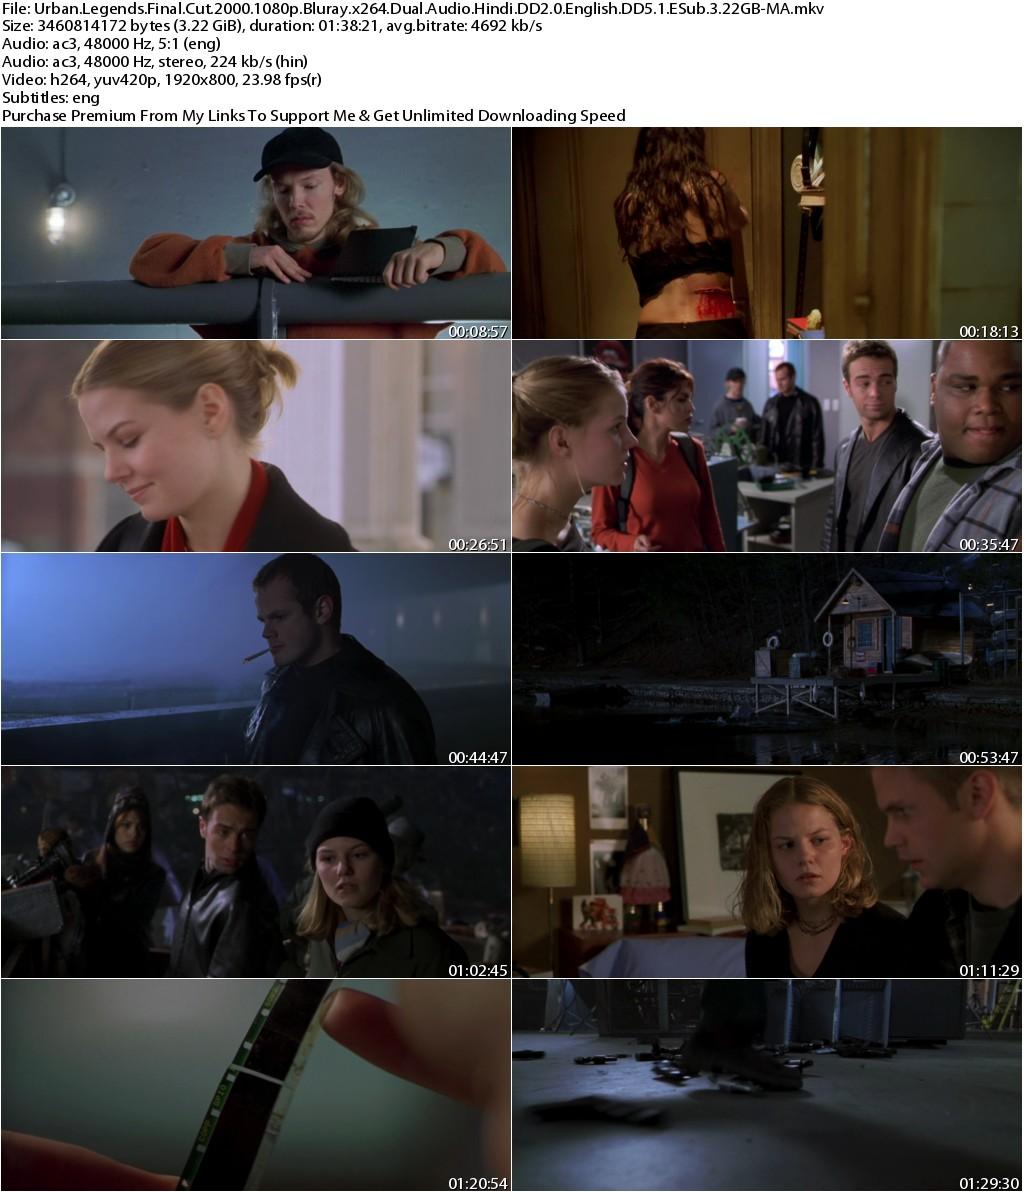 Urban Legends Final Cut (2000) 1080p Bluray x264 Dual Audio Hindi DD2.0 English DD5.1 ESub 3.22GB-MA